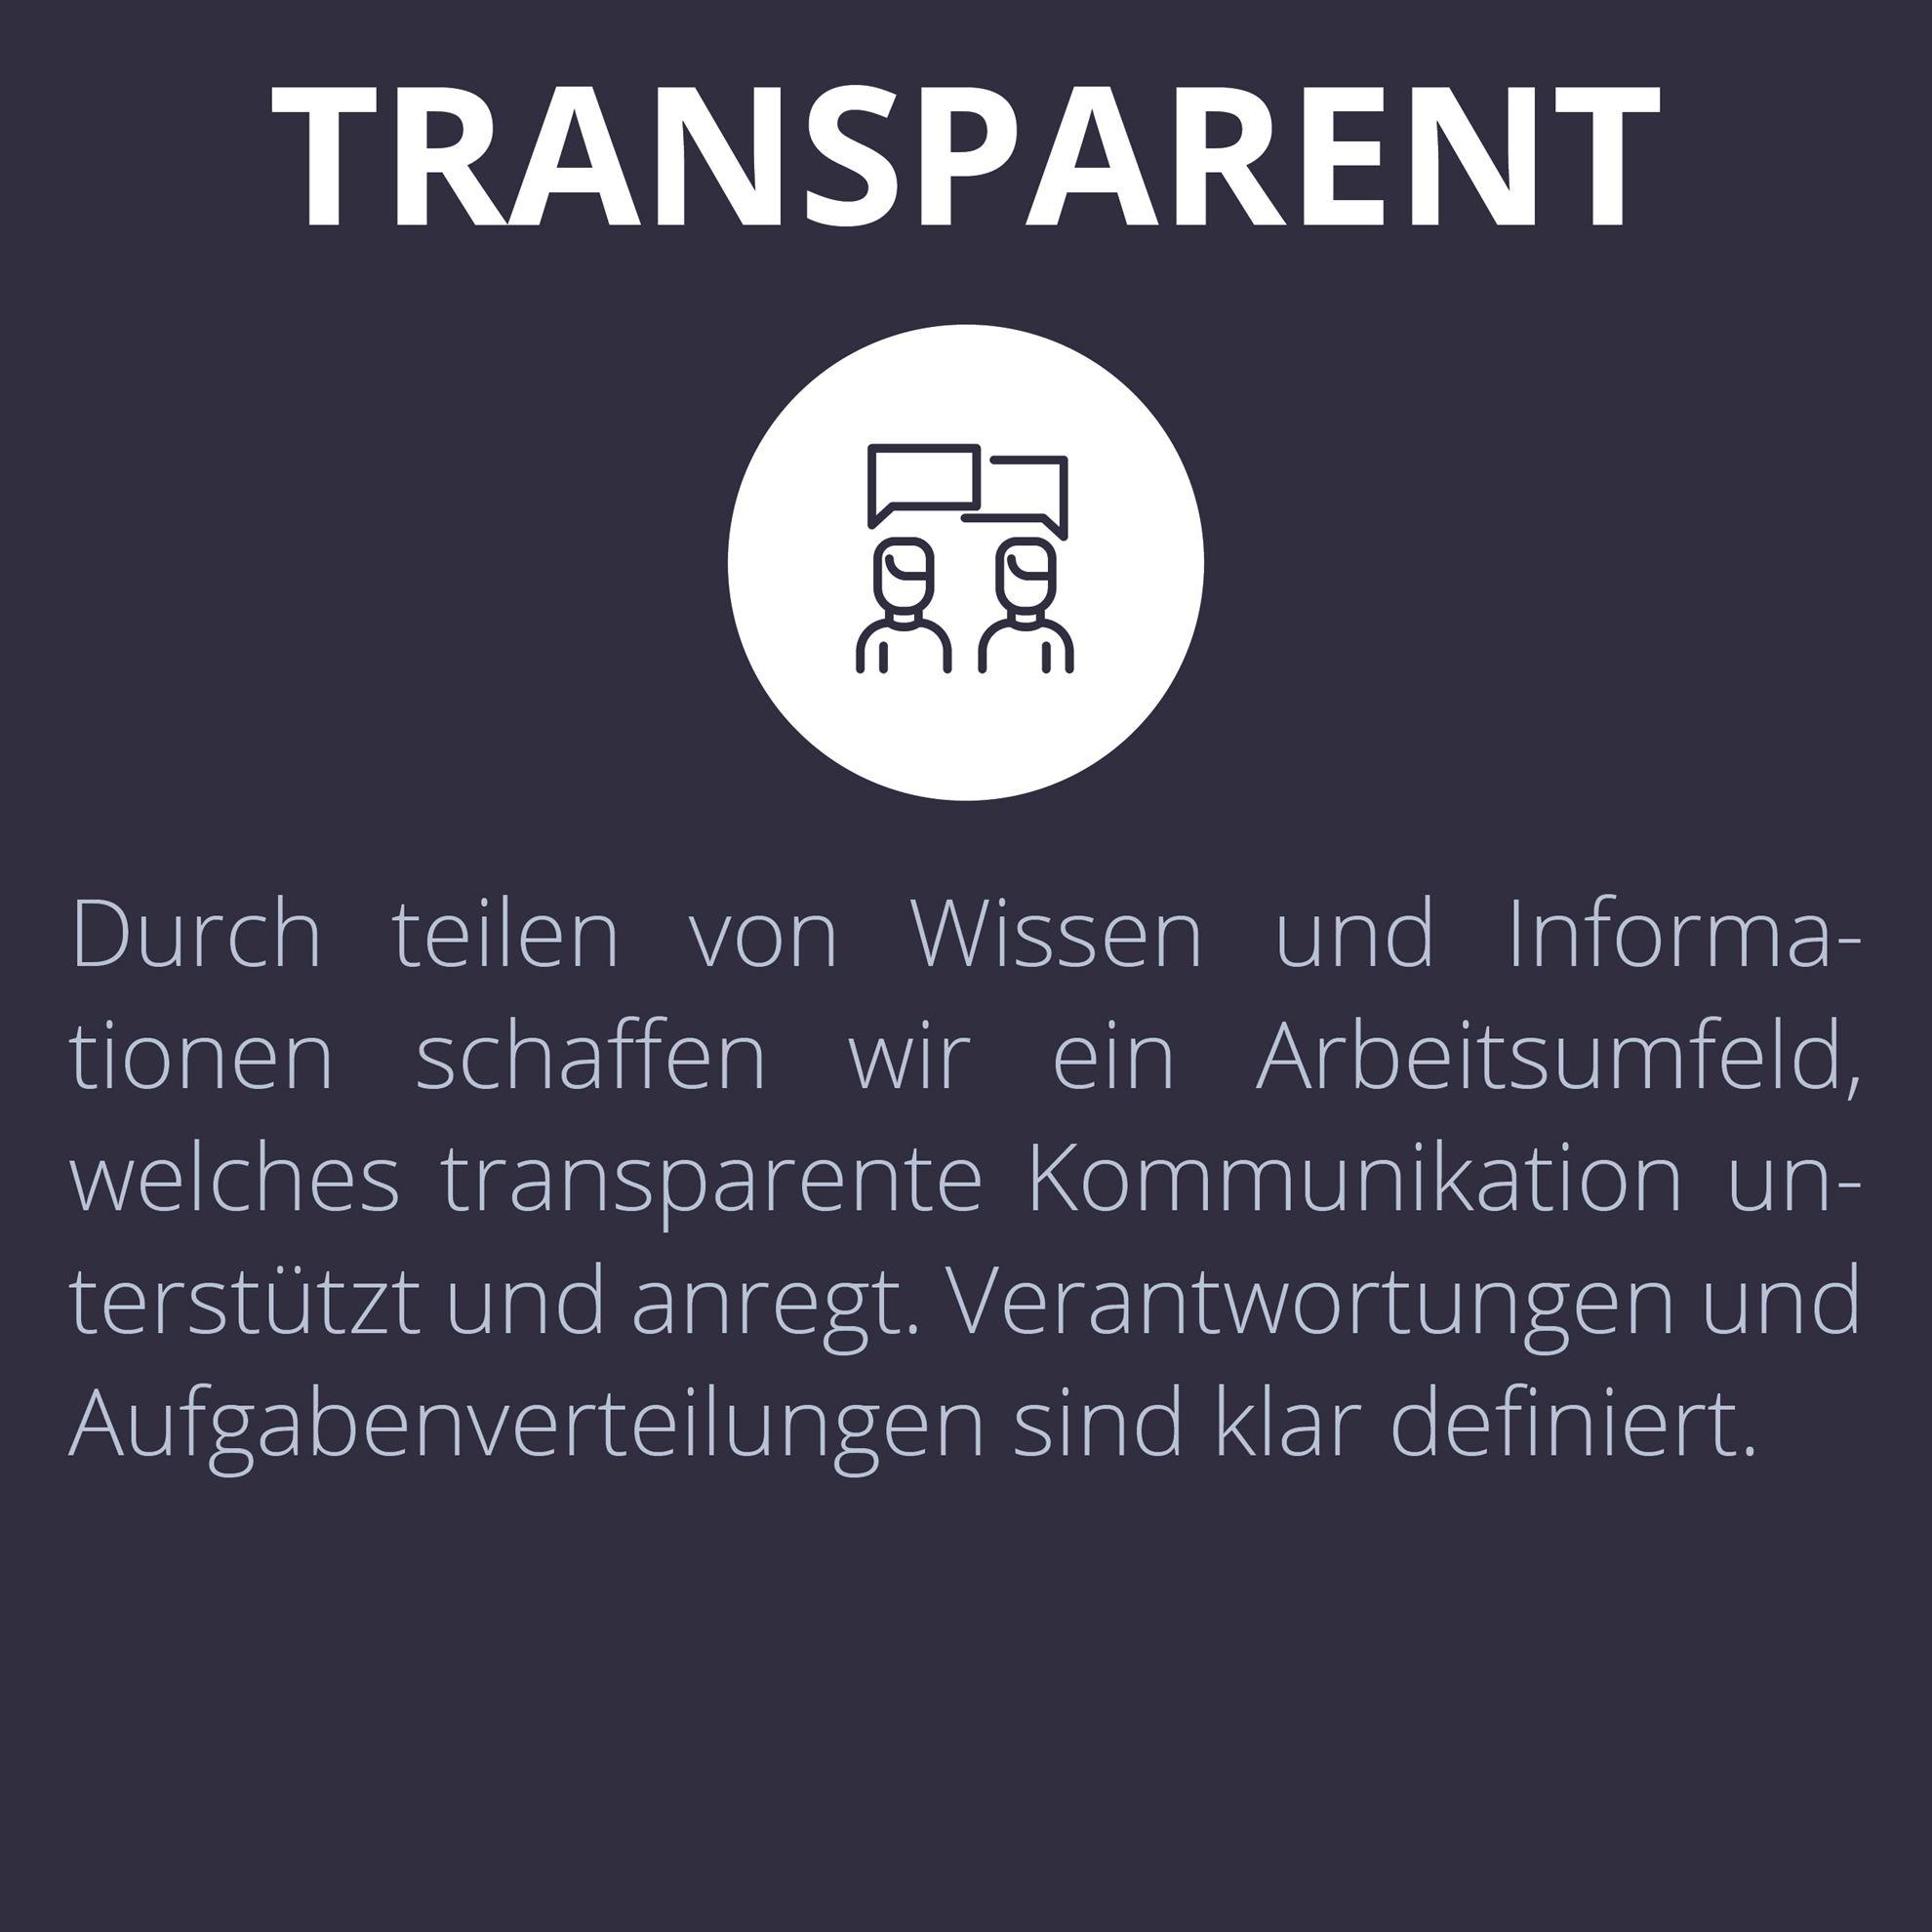 Wert_Transparent